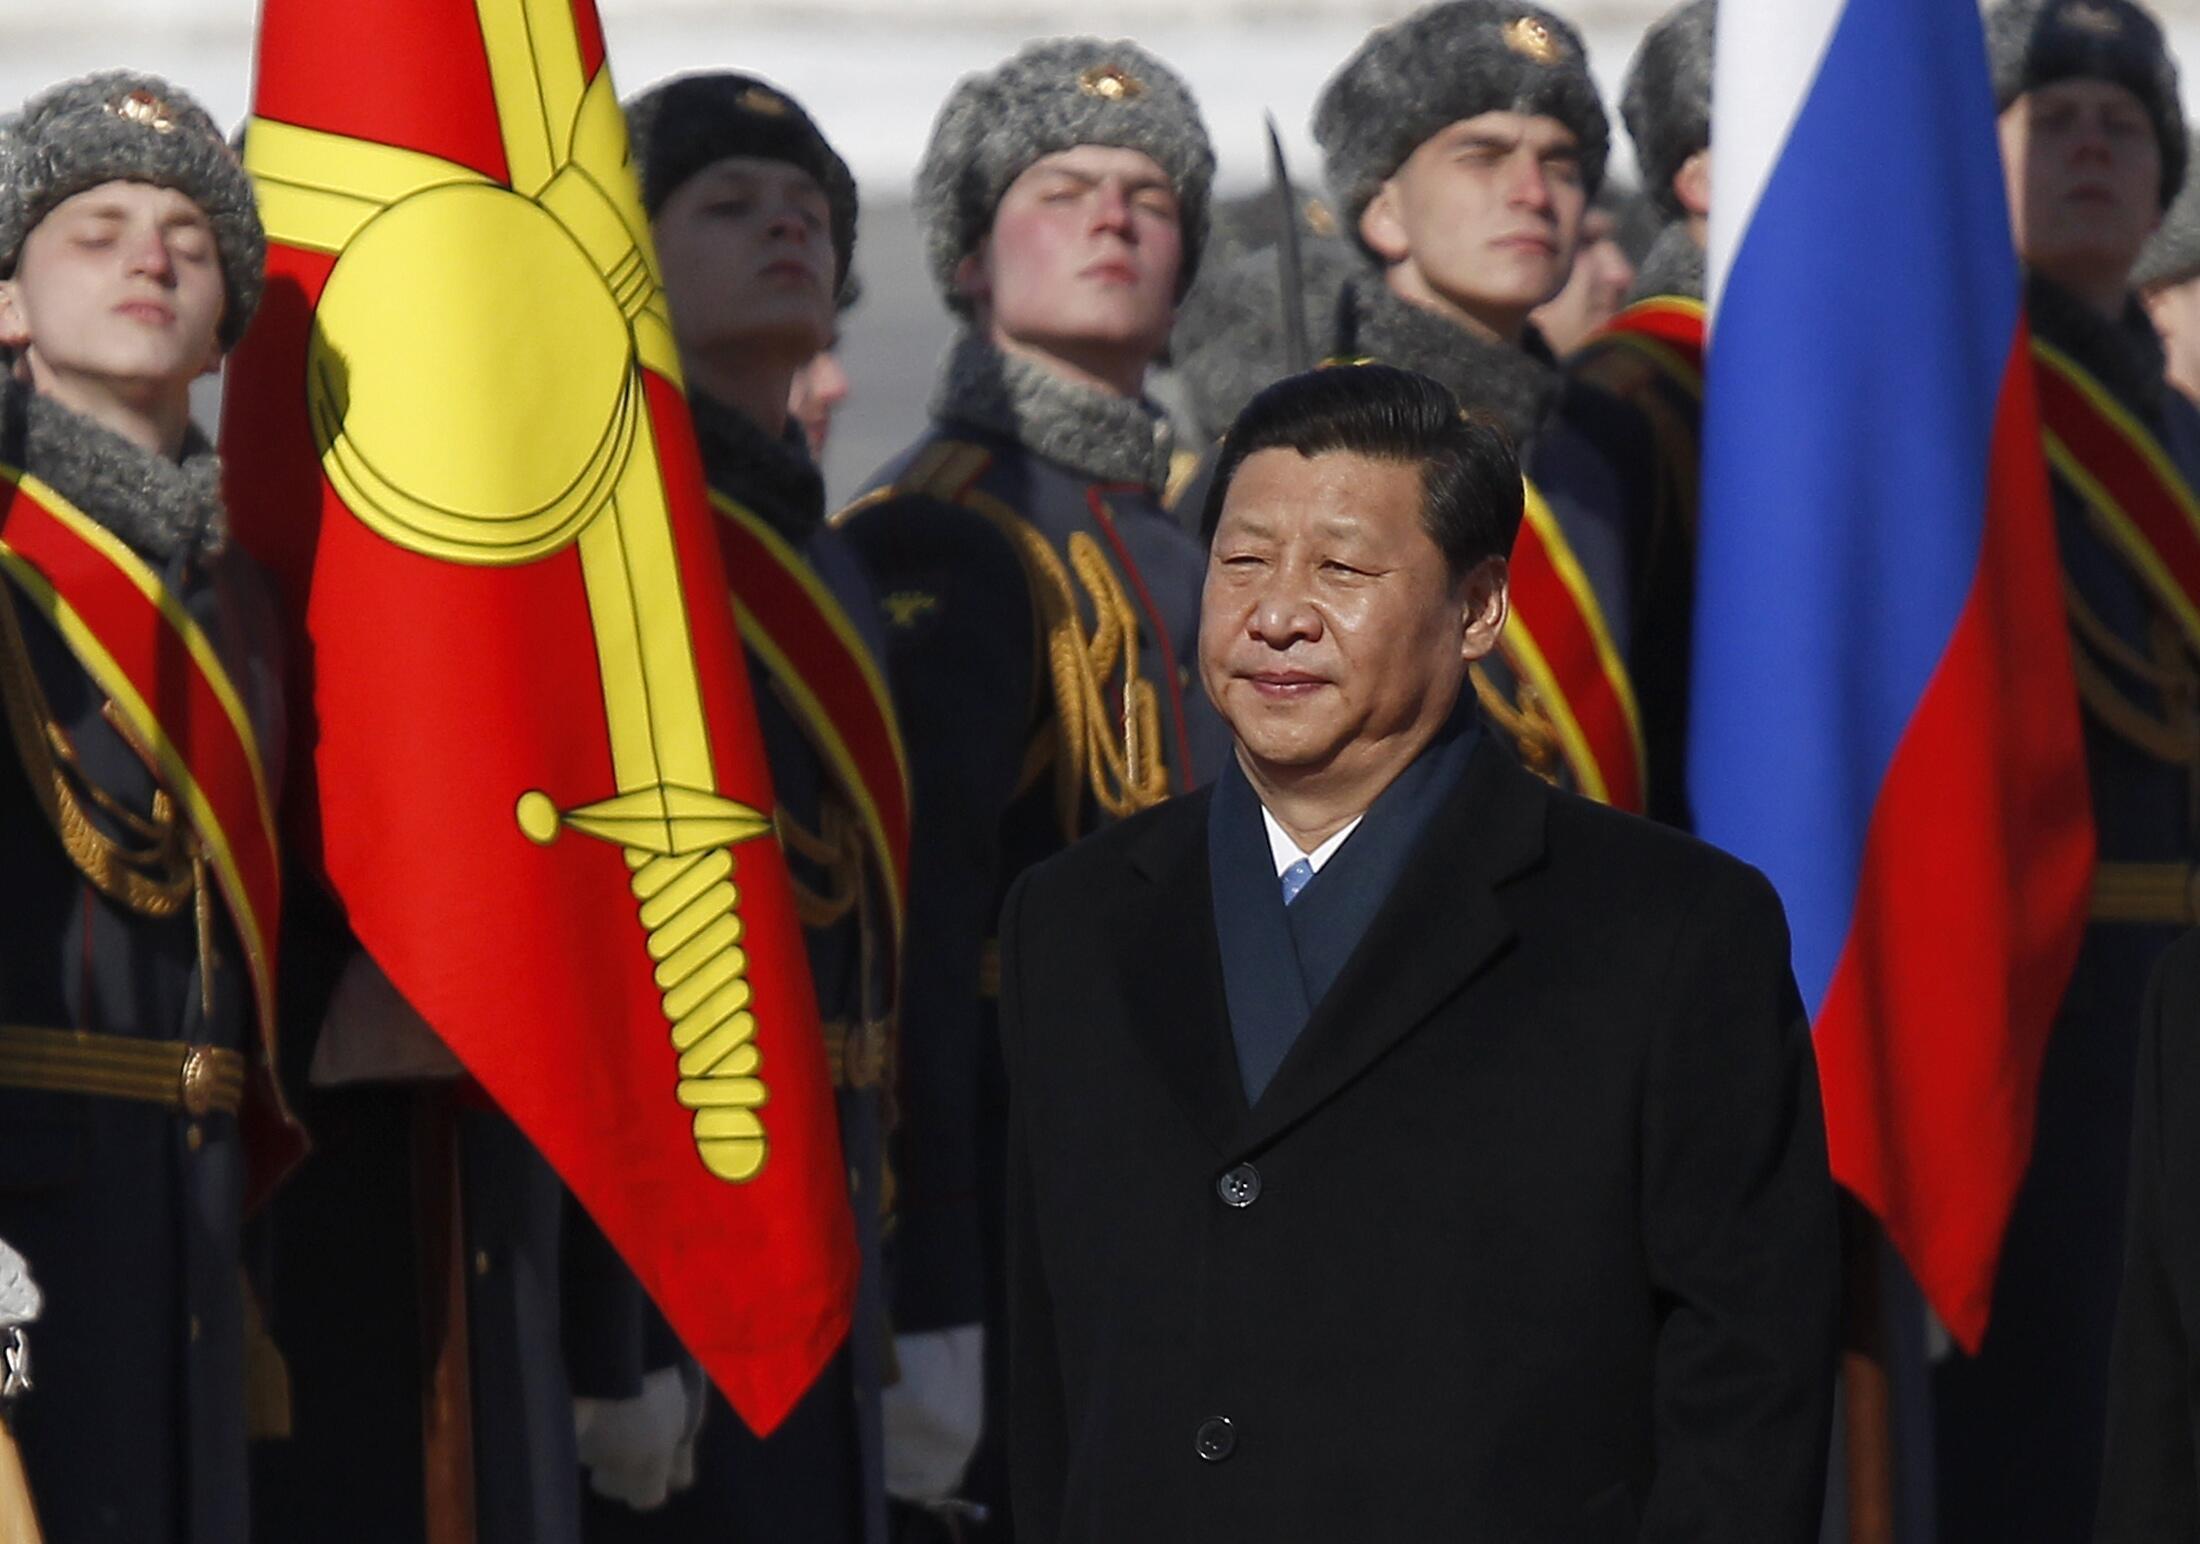 O novo presidente chinês, Xi Jinping, desembarcou em Moscou nesta sexta-feira, 22 de março de 2013, para sua primeira visita oficial ao exterior.